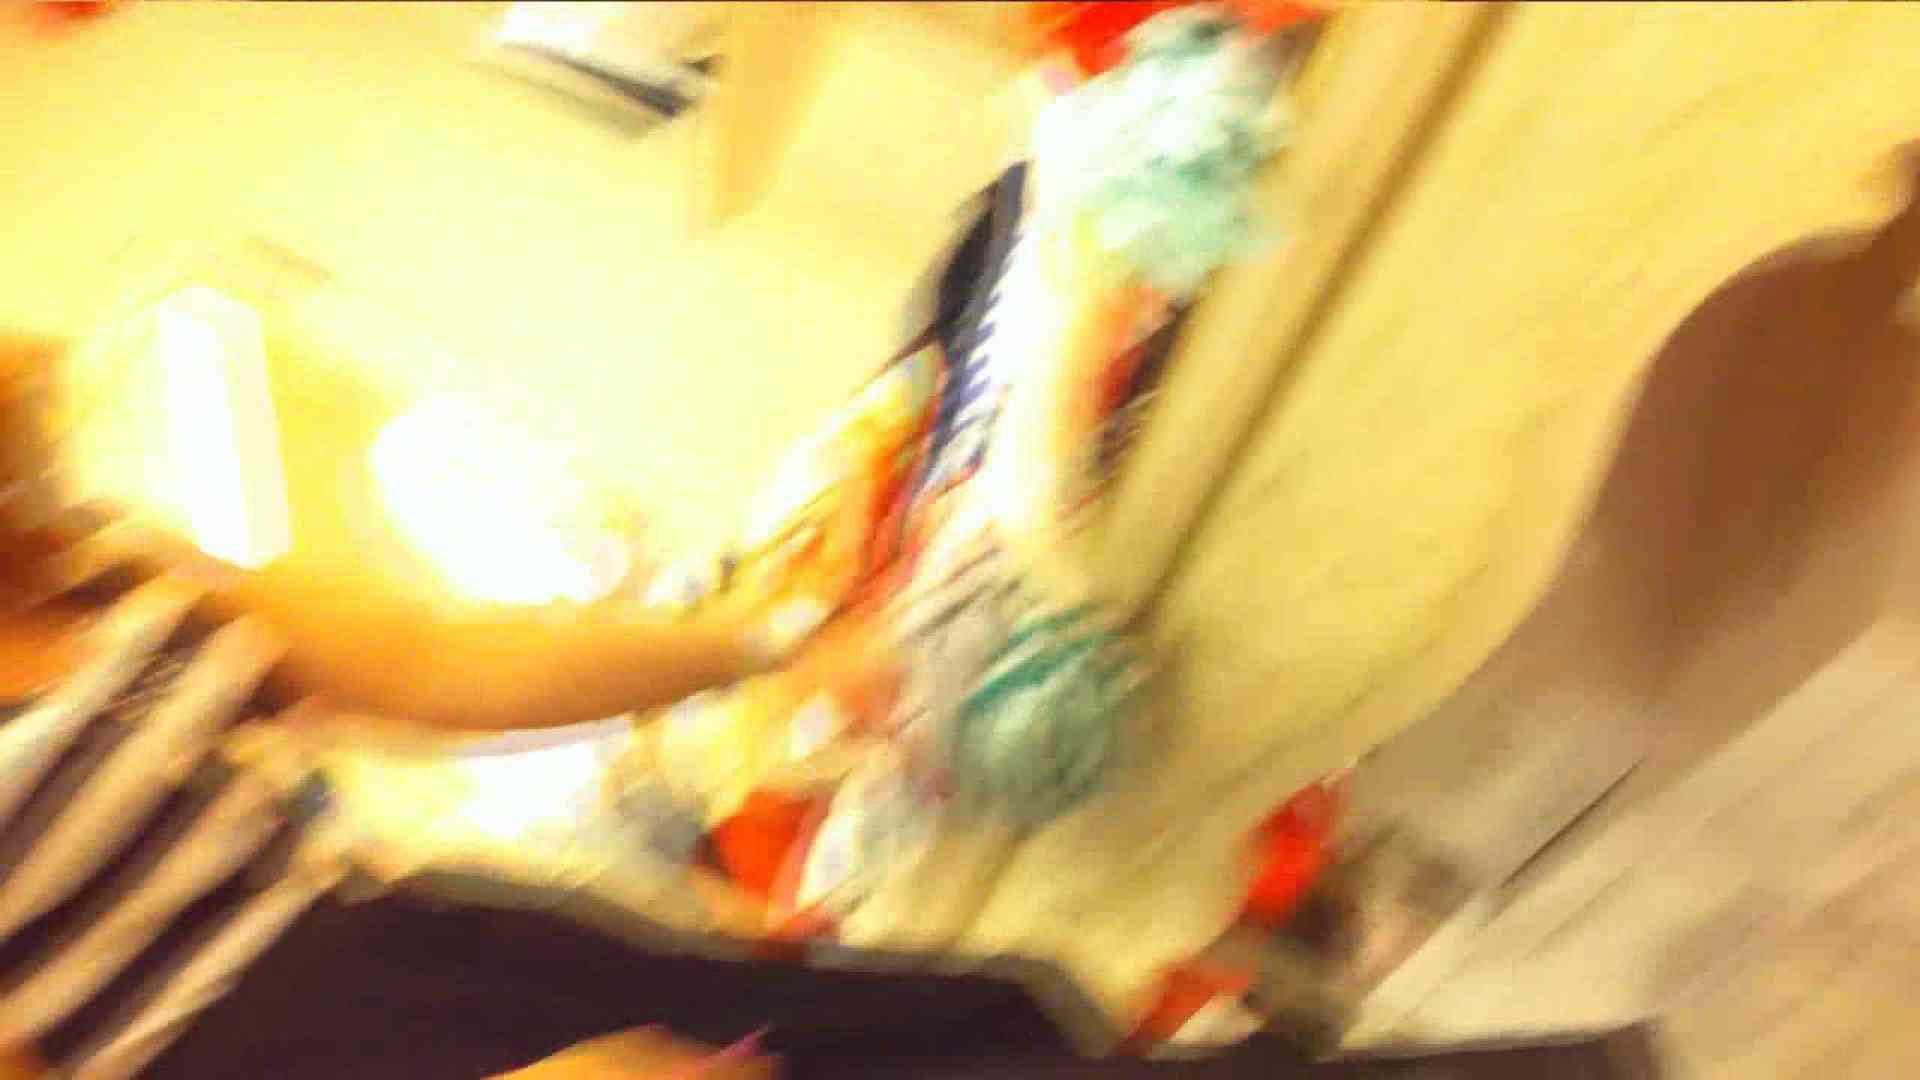 可愛いカリスマ店員限定‼胸チラ&パンチラ vol.25 エロティックなOL オマンコ動画キャプチャ 84画像 38